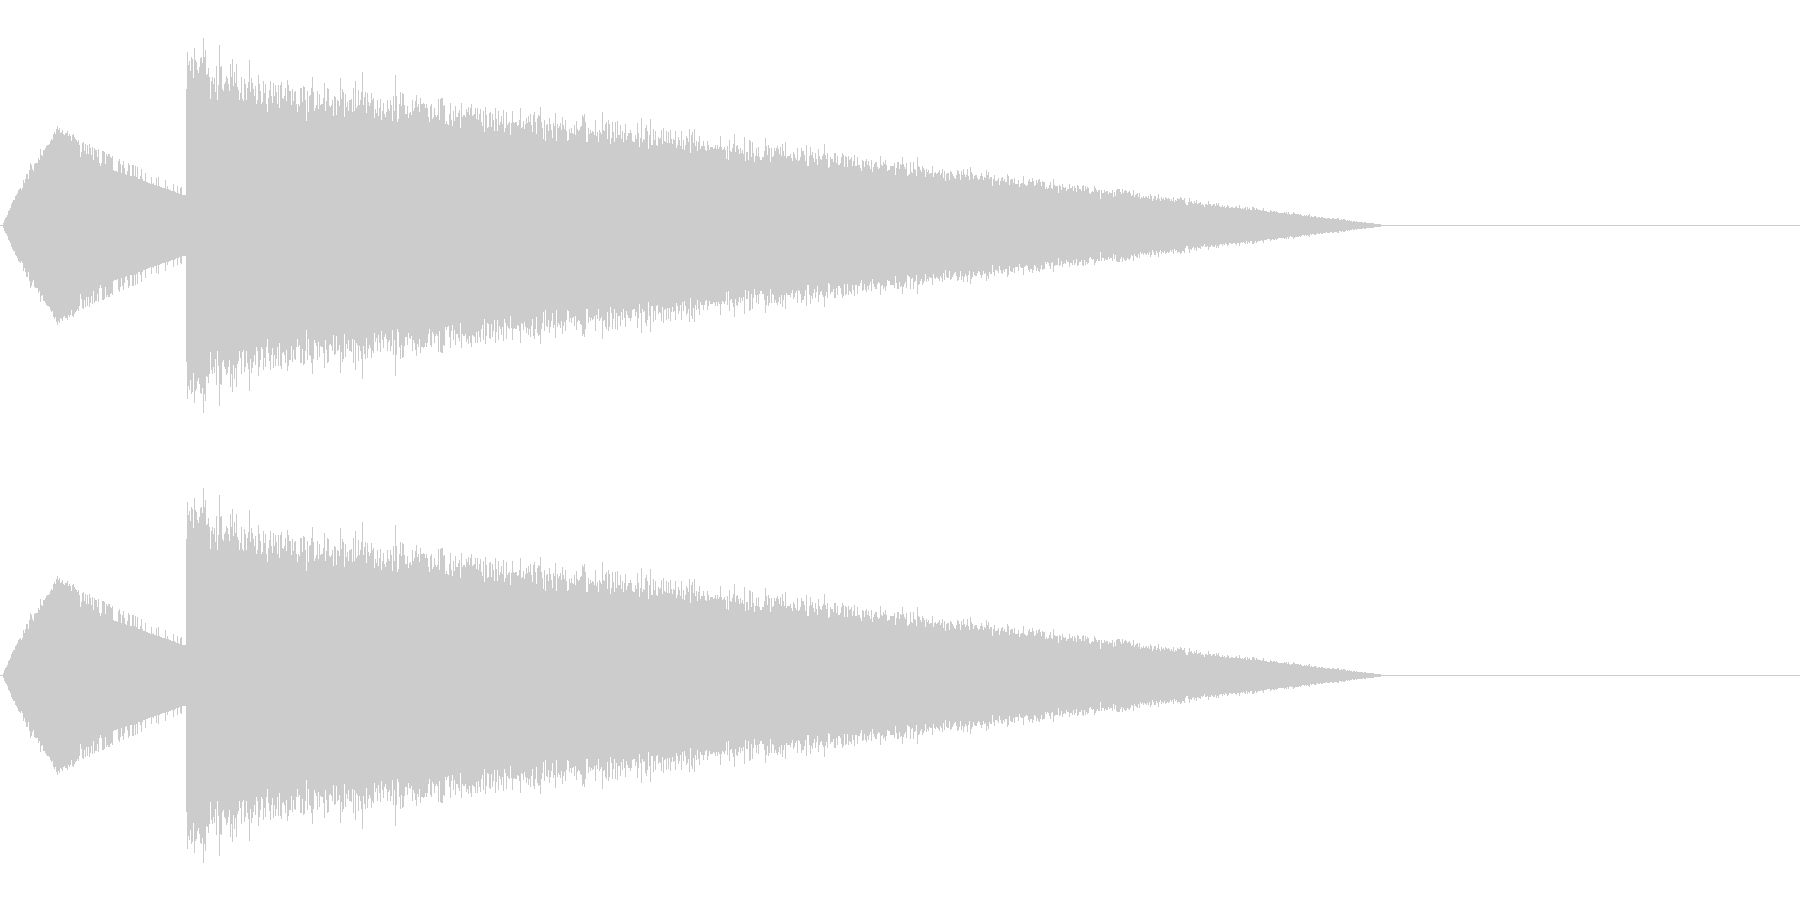 レトロゲーム風魔法・水系2の未再生の波形